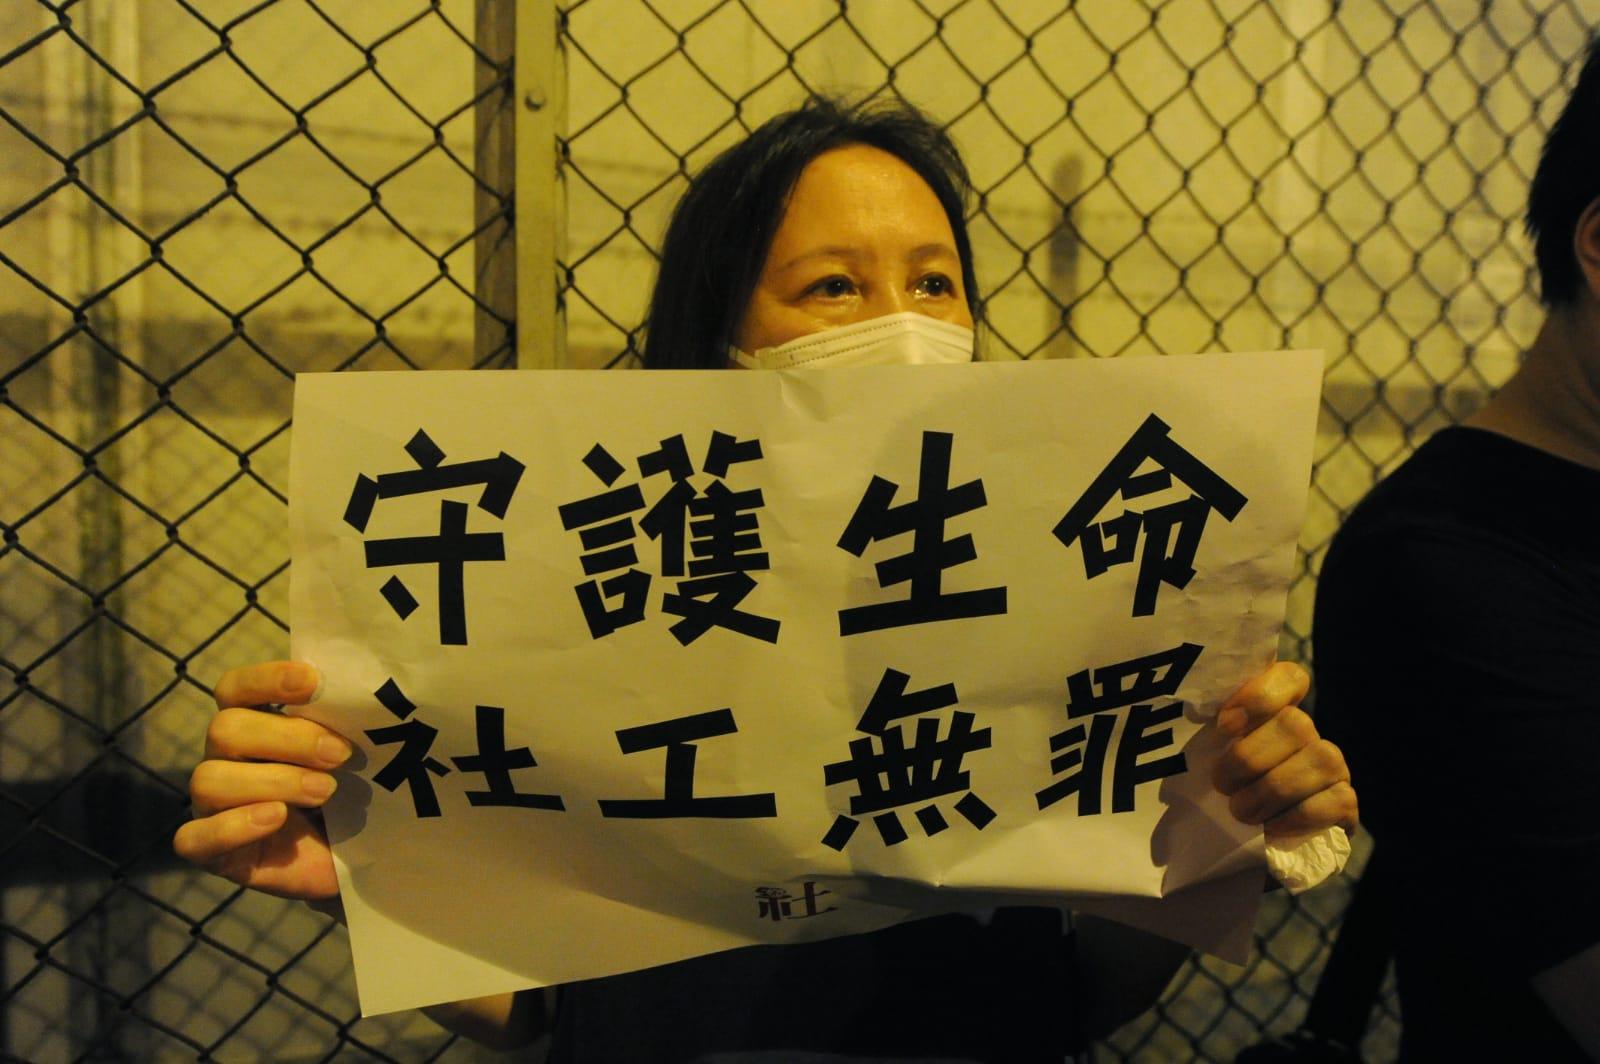 市民手持標語,「守護生命、社工無罪」。(宋碧龍/大紀元)